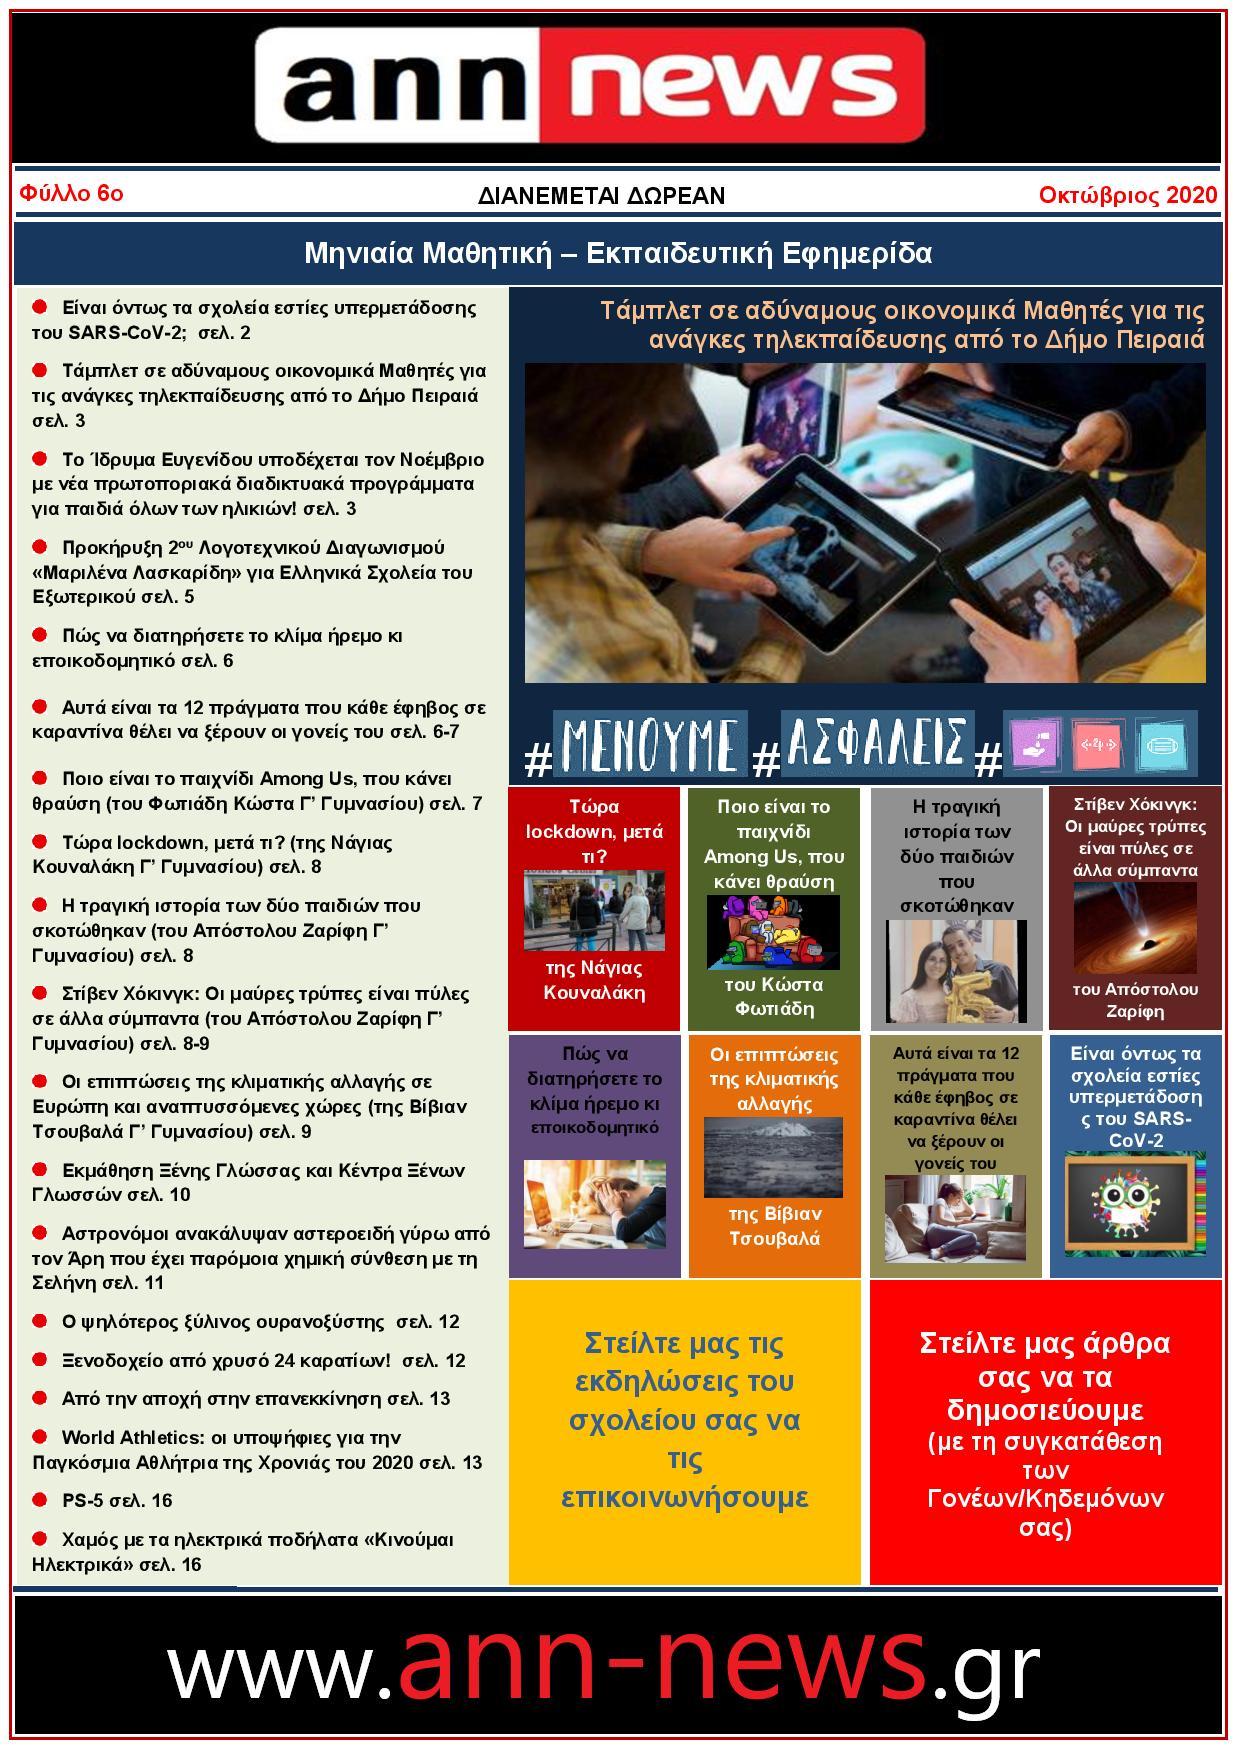 Μαθητική Εφημερίδα «ann-news» Ξεφυλλίστε την εδώ: